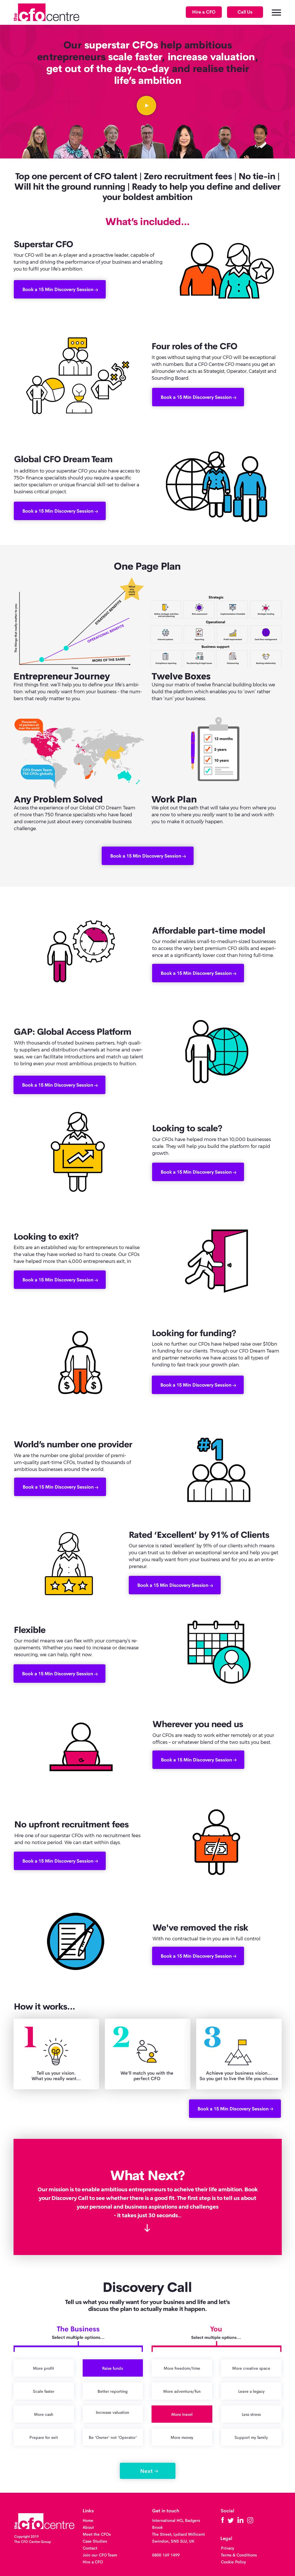 CFO Centre: How It Works & Case Study Pages